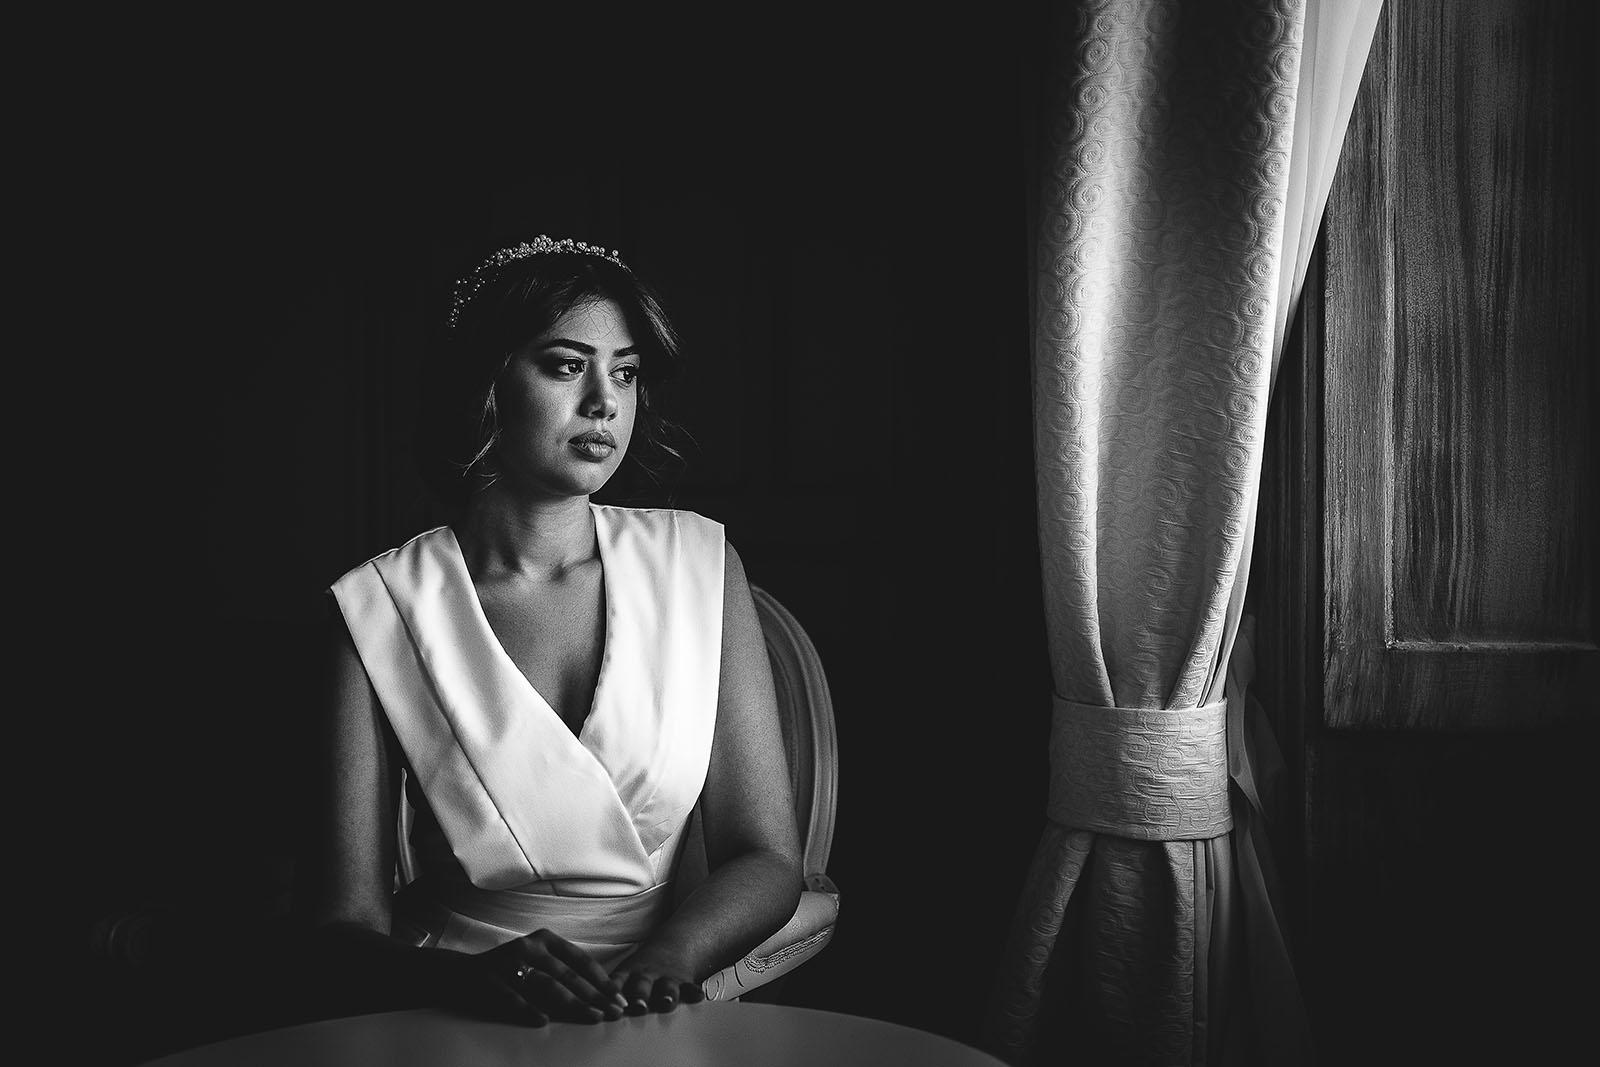 Mariage au Château de Beguin David Pommier photographe de mariage. Armine Badeyan d'Arménie